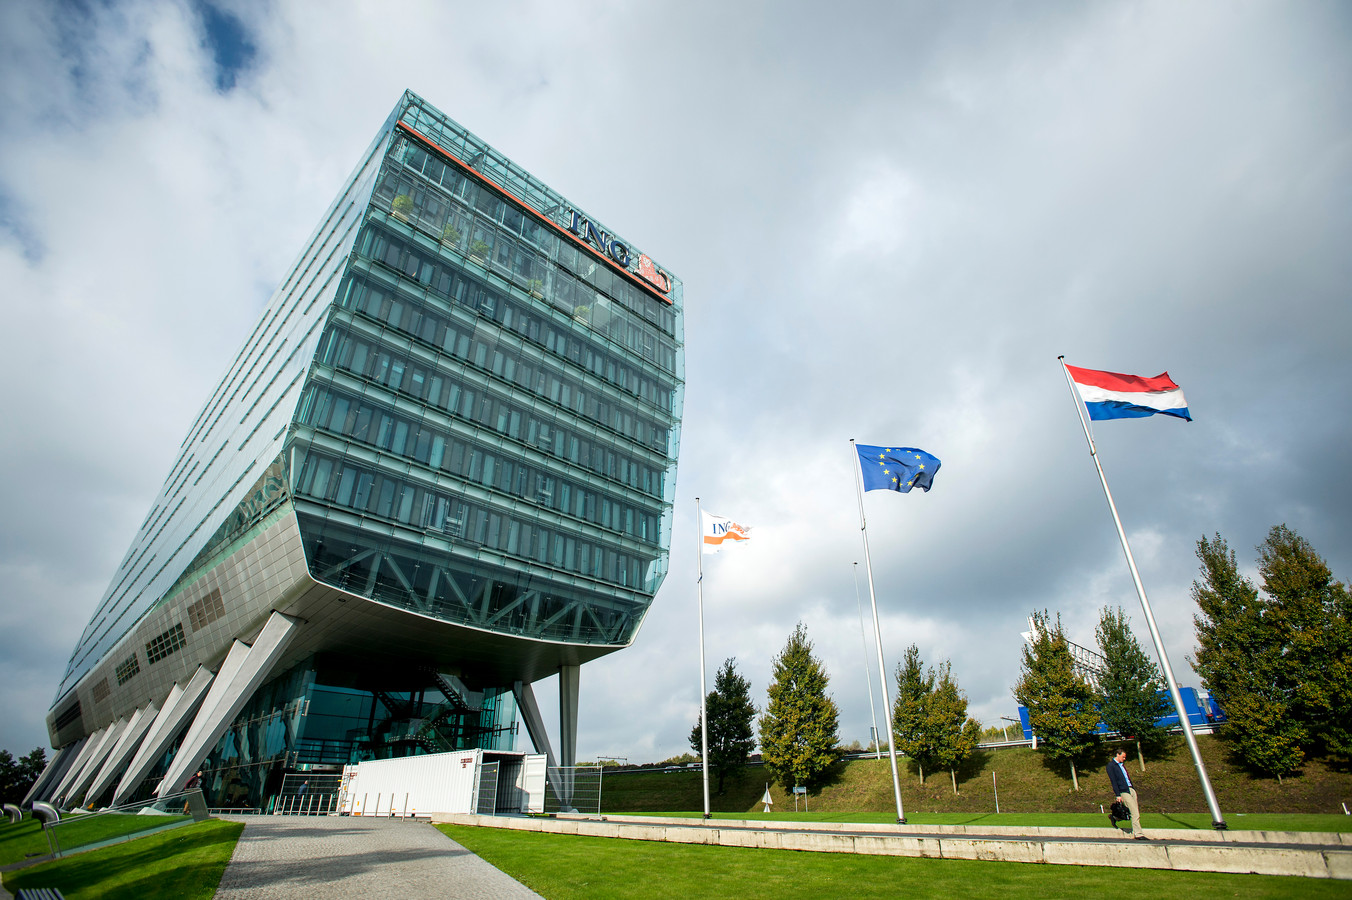 De 'poenschoen', het prestigieuze hoofdkantoor van ING langs de Zuidas in Amsterdam, is inmiddels verruild voor het oude hoofdkantoor in de Bijlmer.